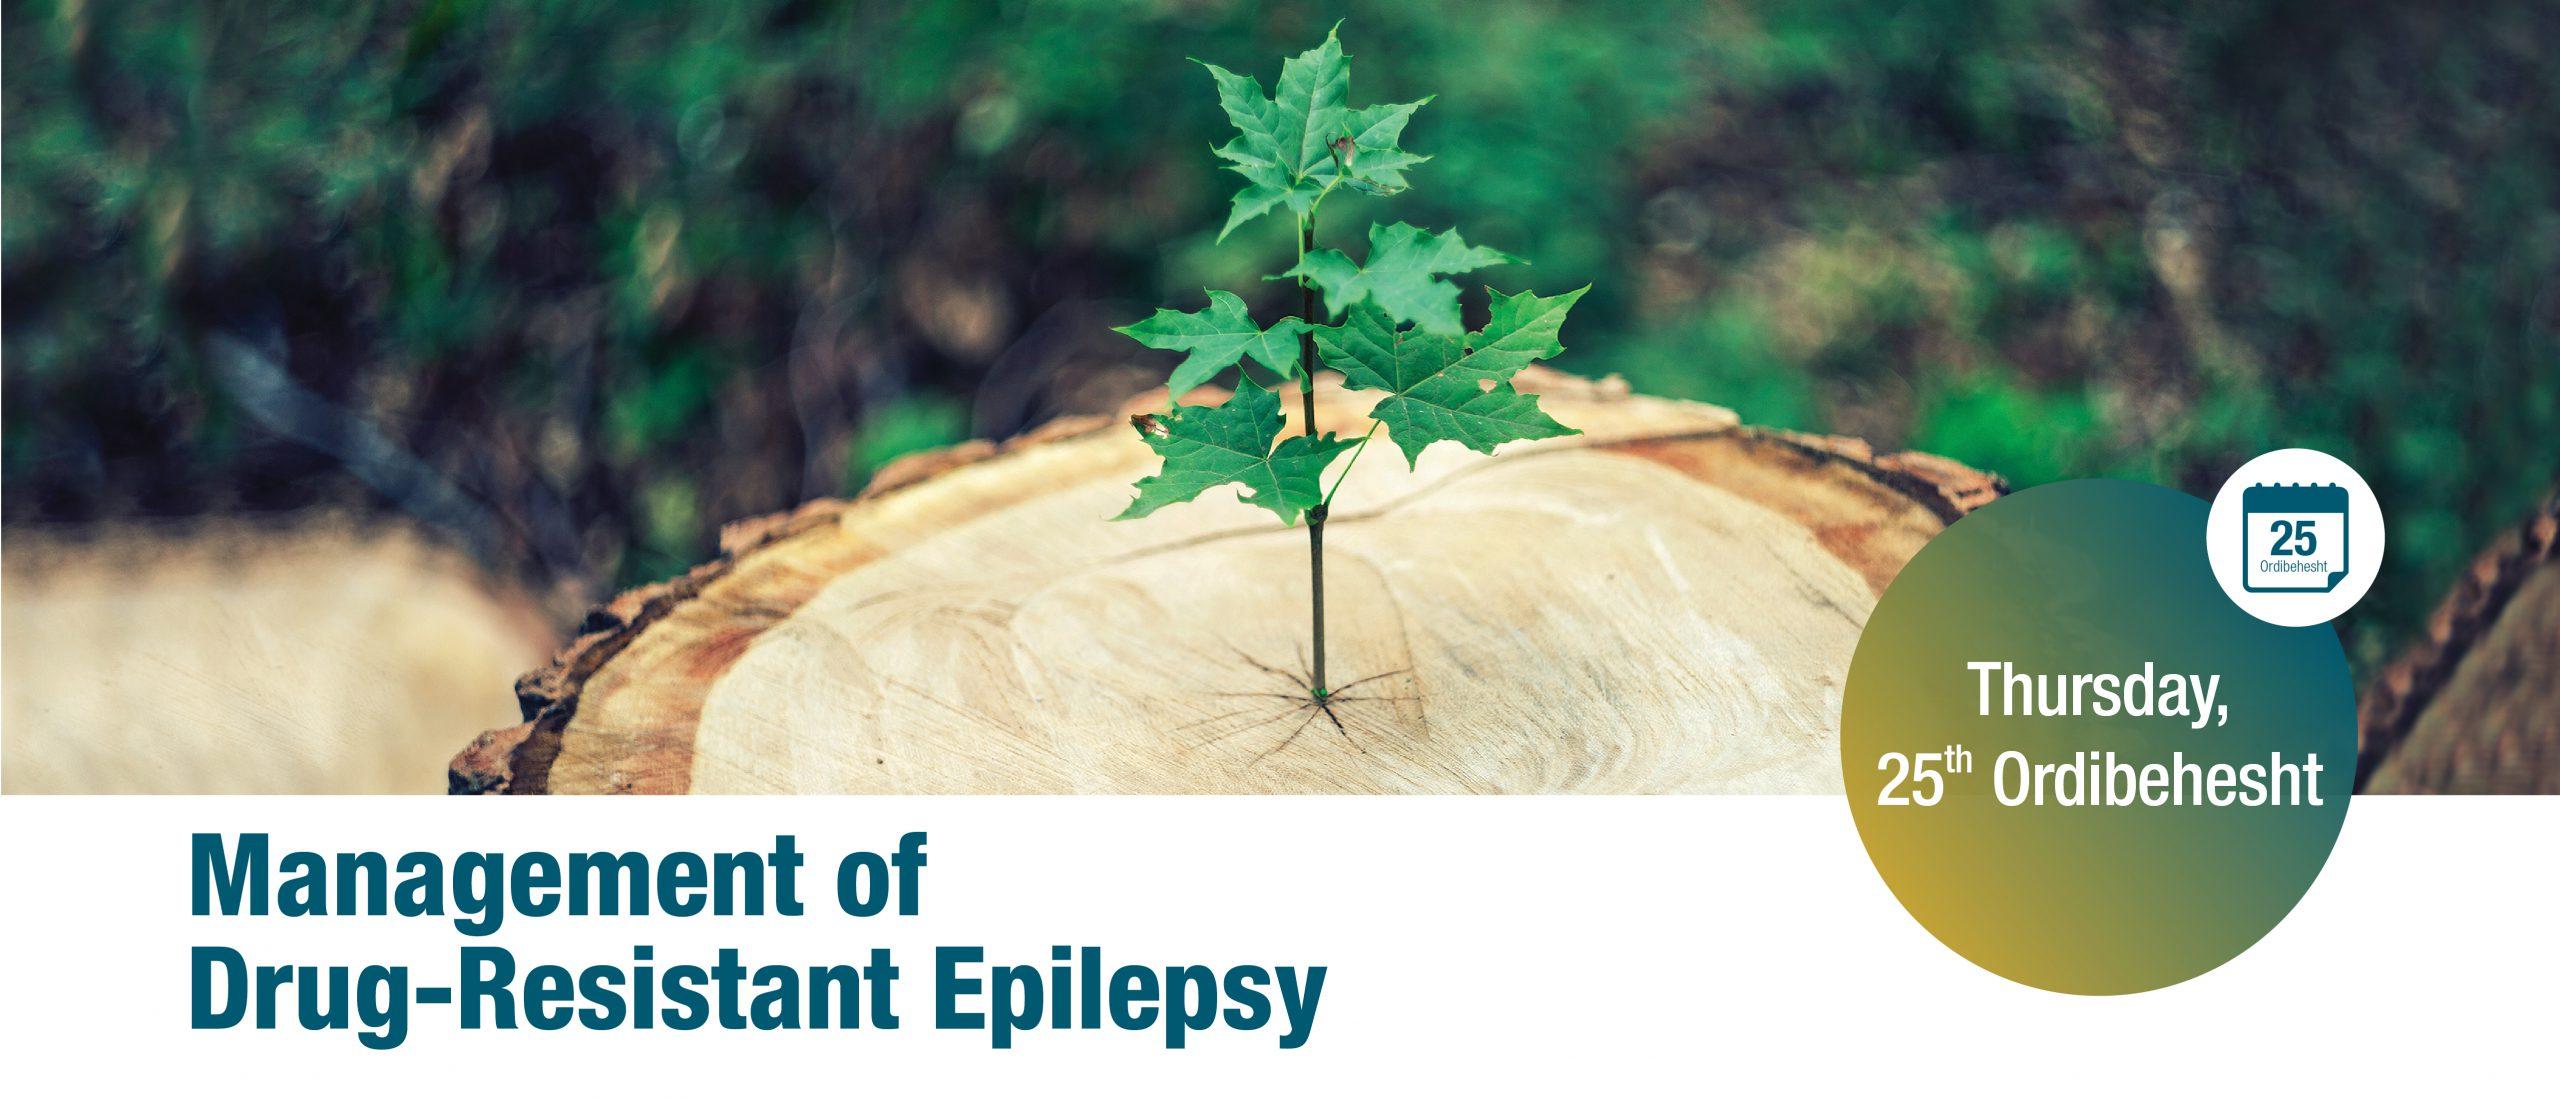 Management of Drug-Resistant Epilepsy